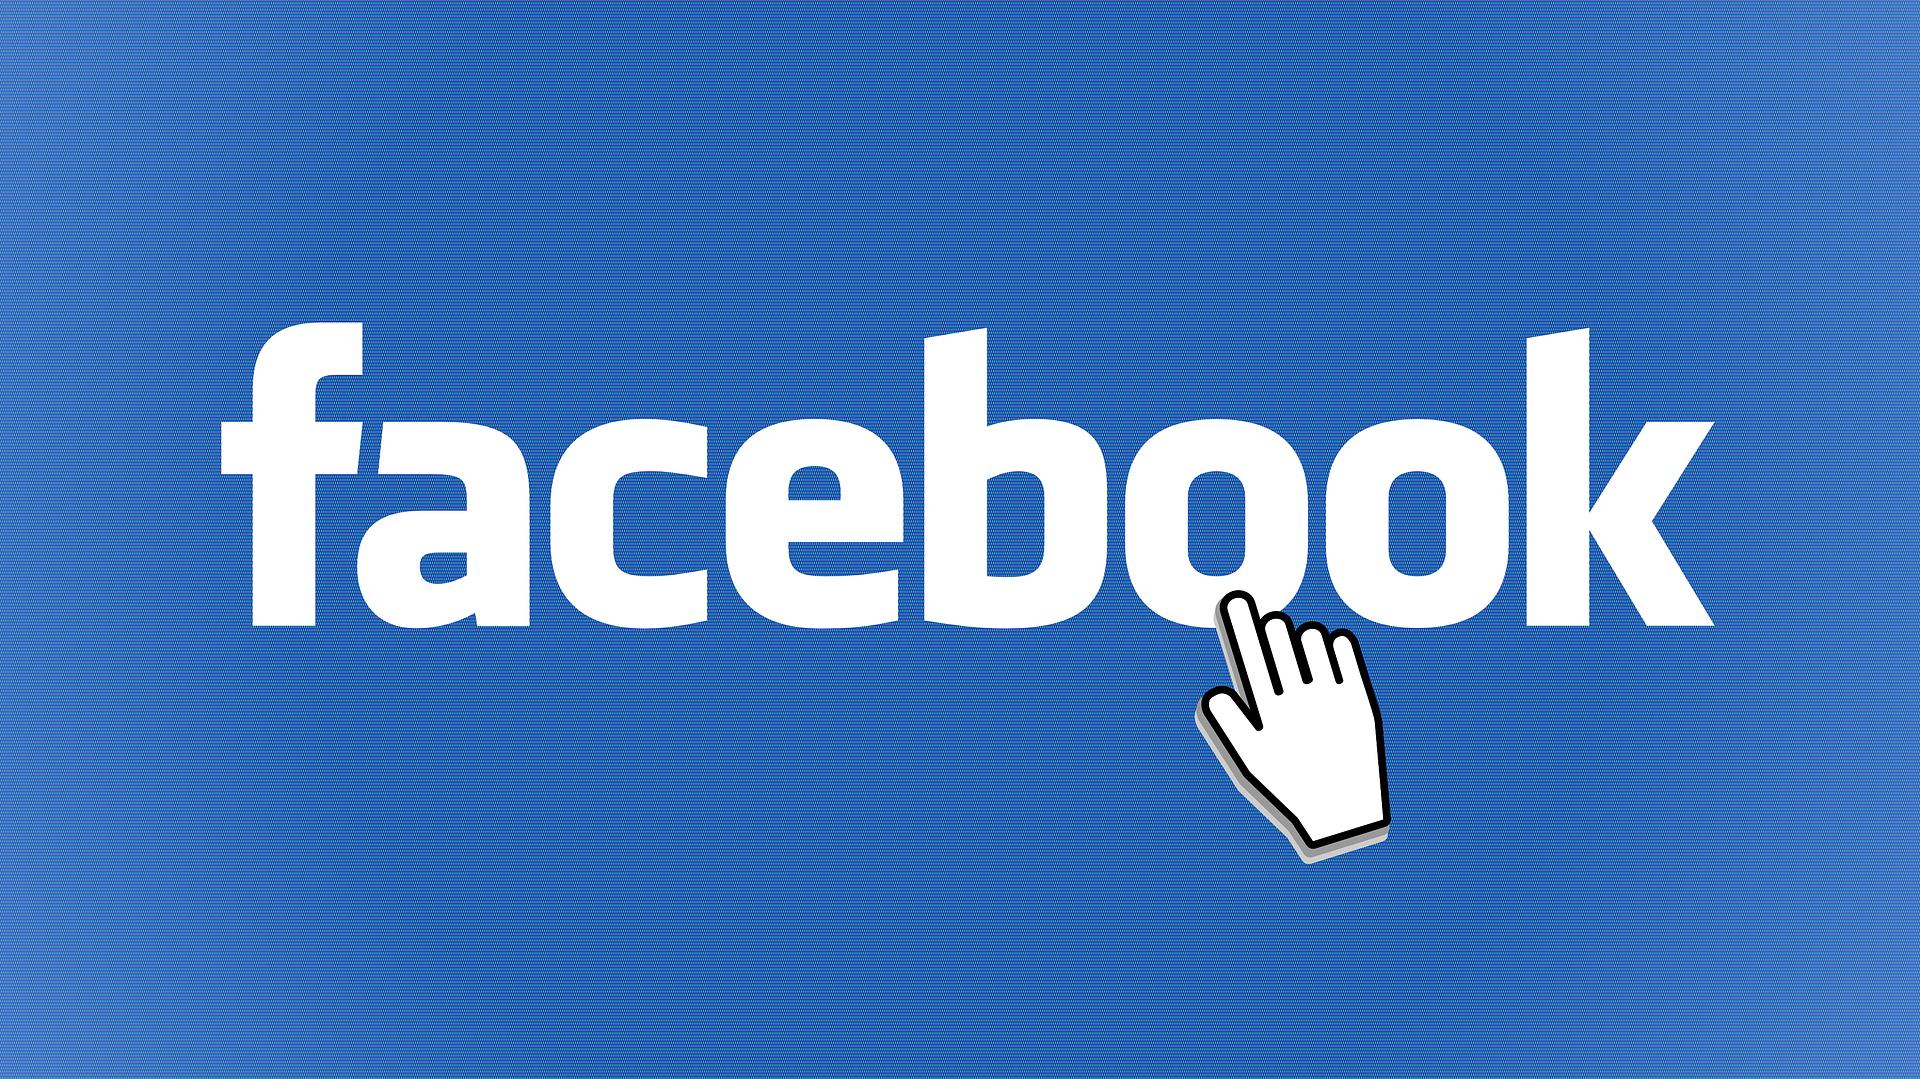 Prezydent twierdzi, ze nic mu nie wiadomo o współpracy z firmą Facebook w czasie kampanii prezydenckiej